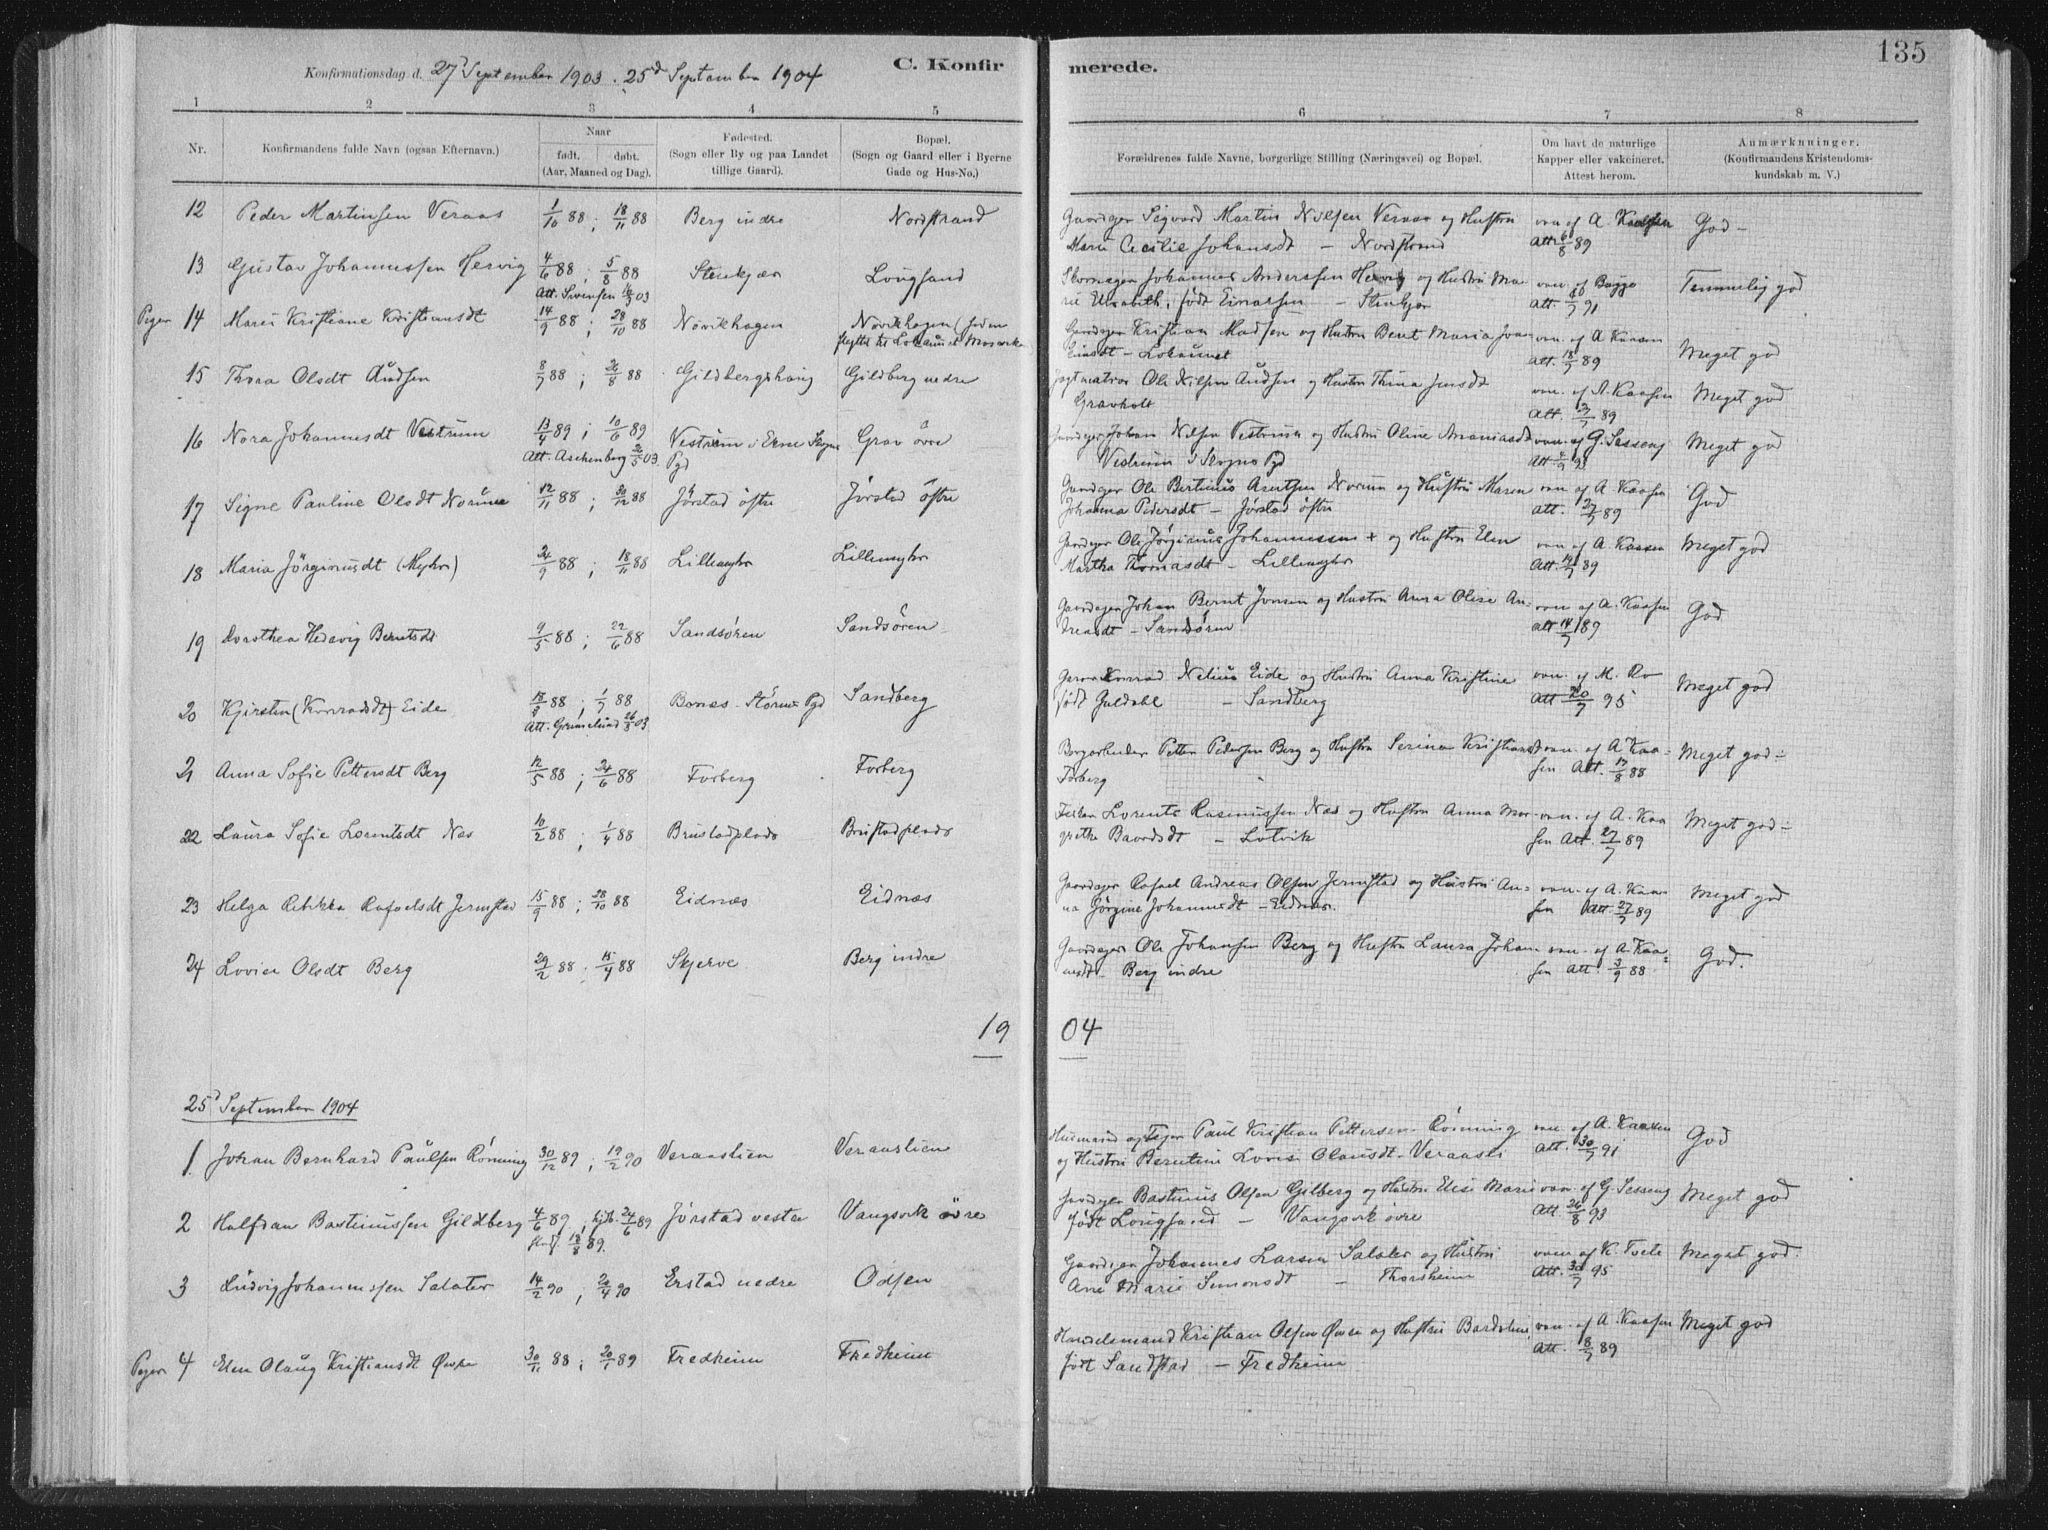 SAT, Ministerialprotokoller, klokkerbøker og fødselsregistre - Nord-Trøndelag, 722/L0220: Ministerialbok nr. 722A07, 1881-1908, s. 135